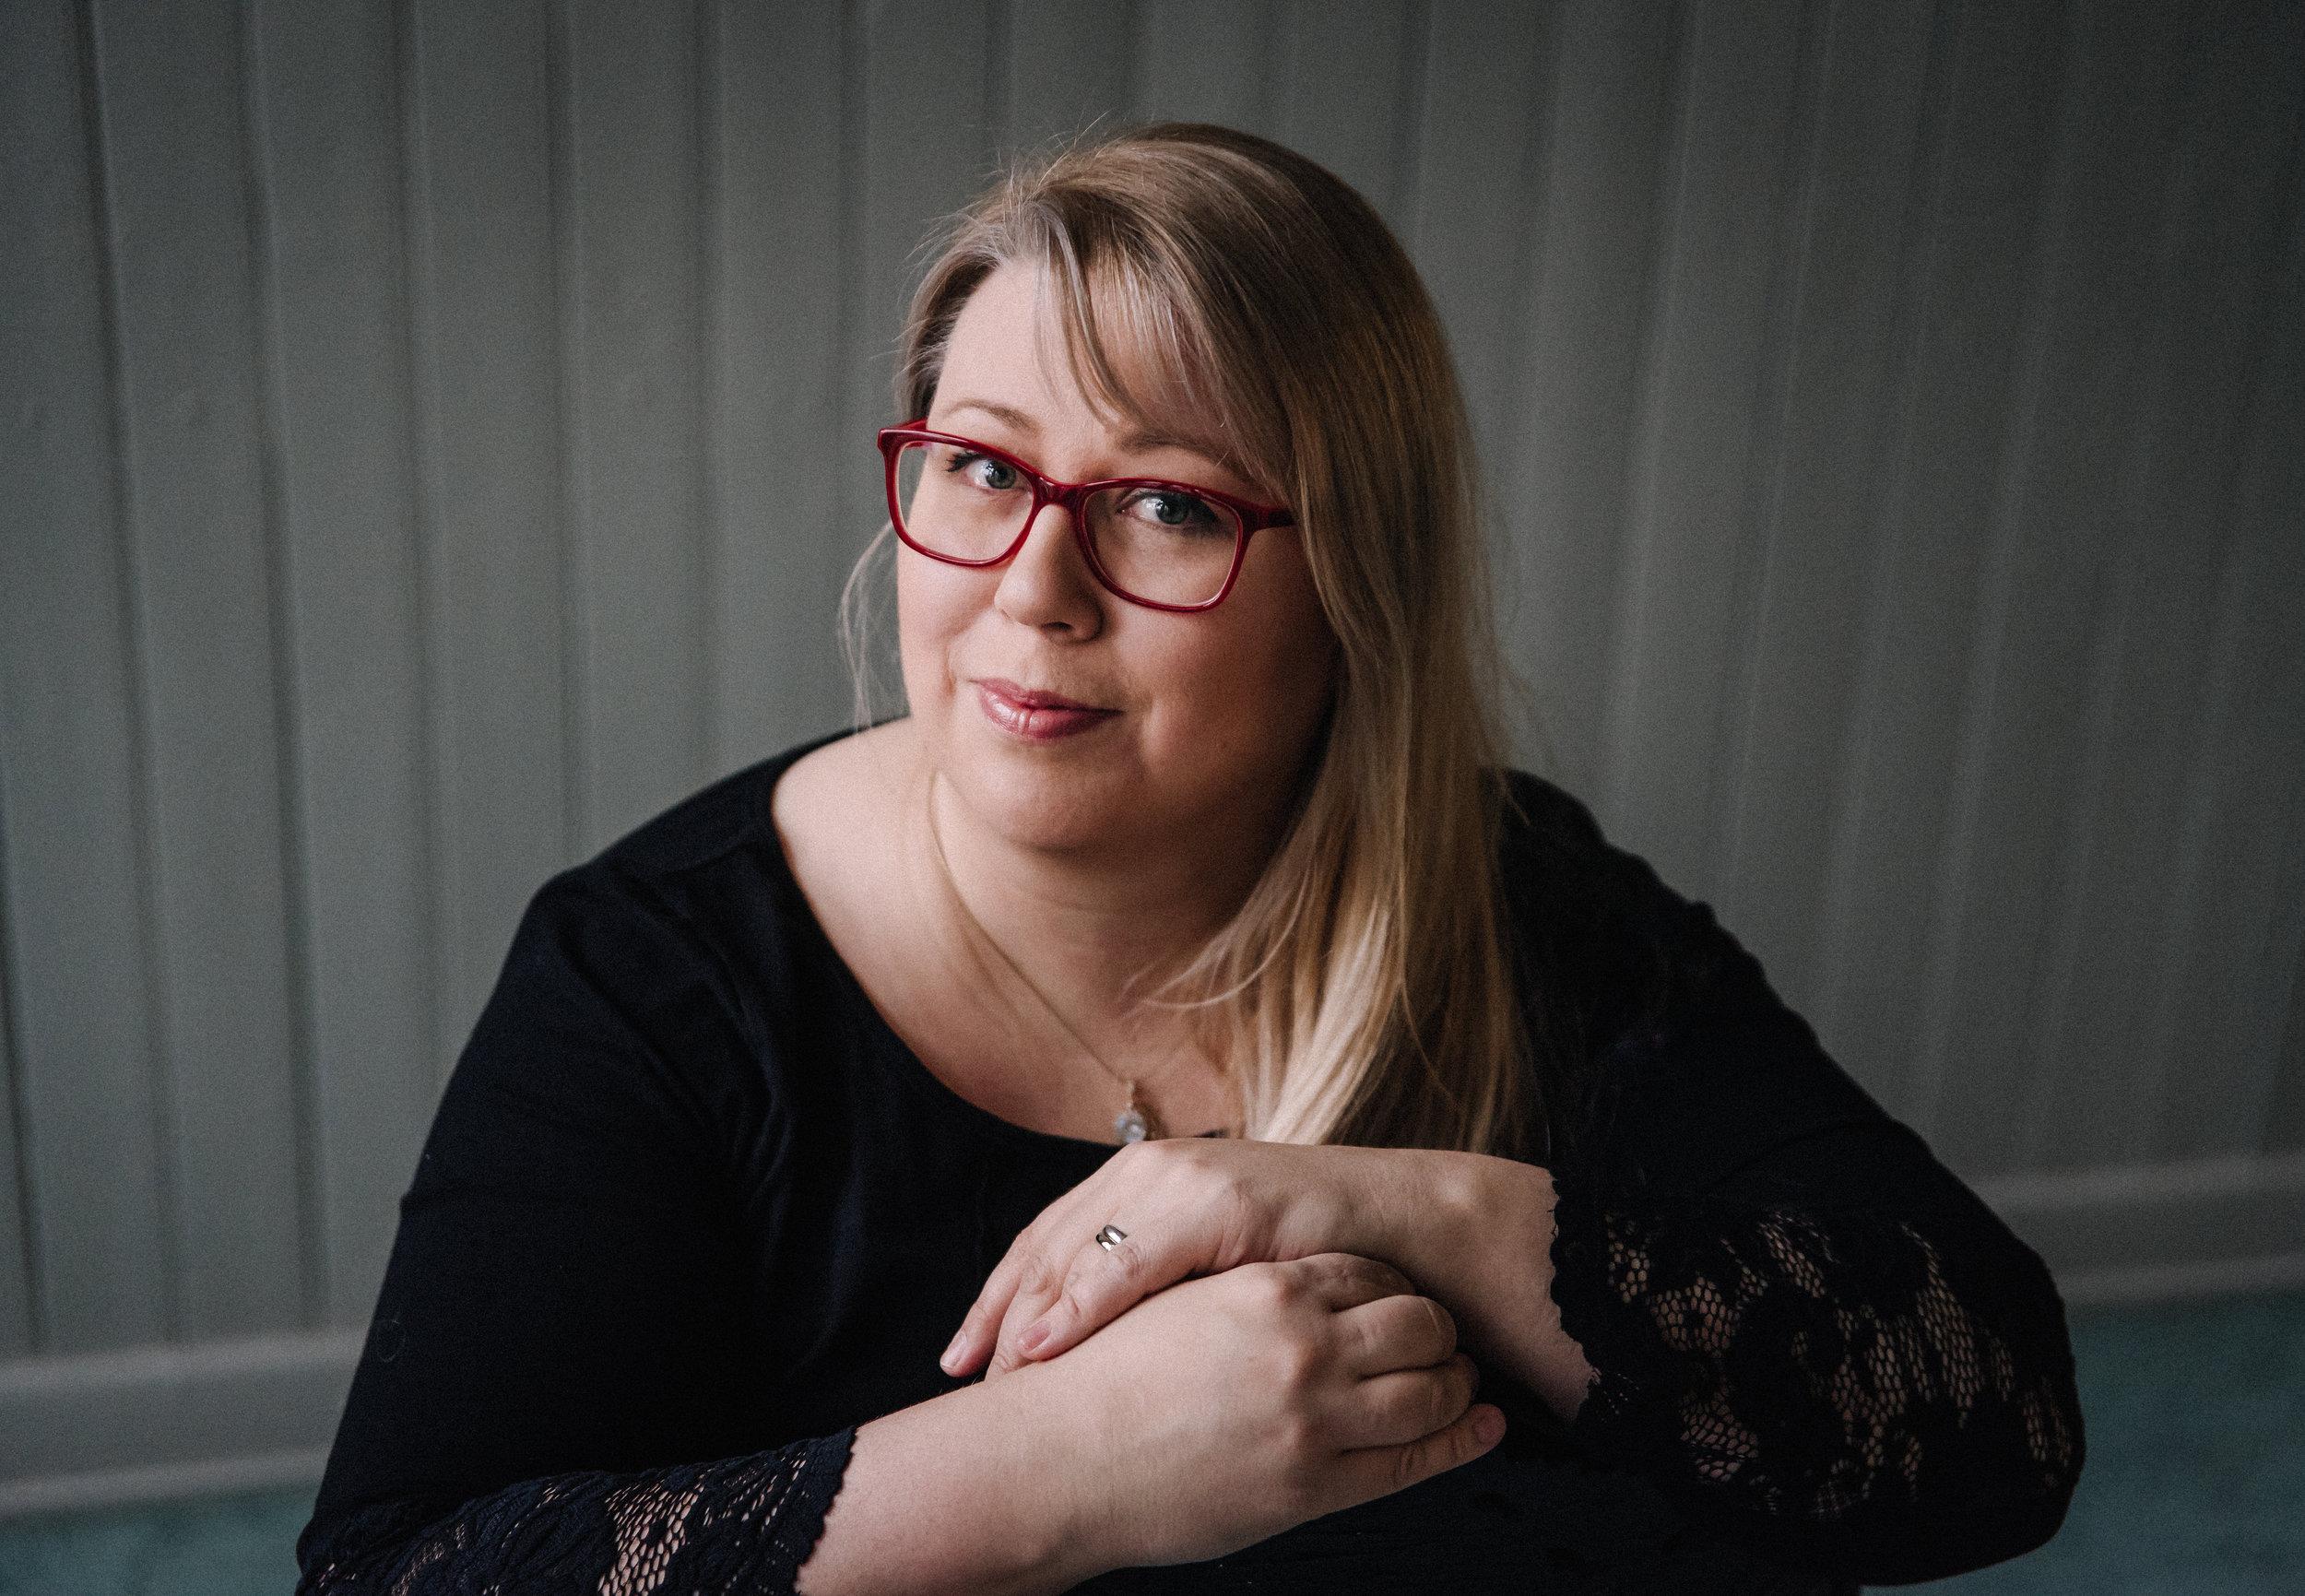 Nina Röntynen on valokuvaaja, kampaaja ja meikkaaja. Juhlien suunnittelu ja tapahtumien toteutus on aina ollut sydäntälähellä! - nina.rontynen@ninka.fi